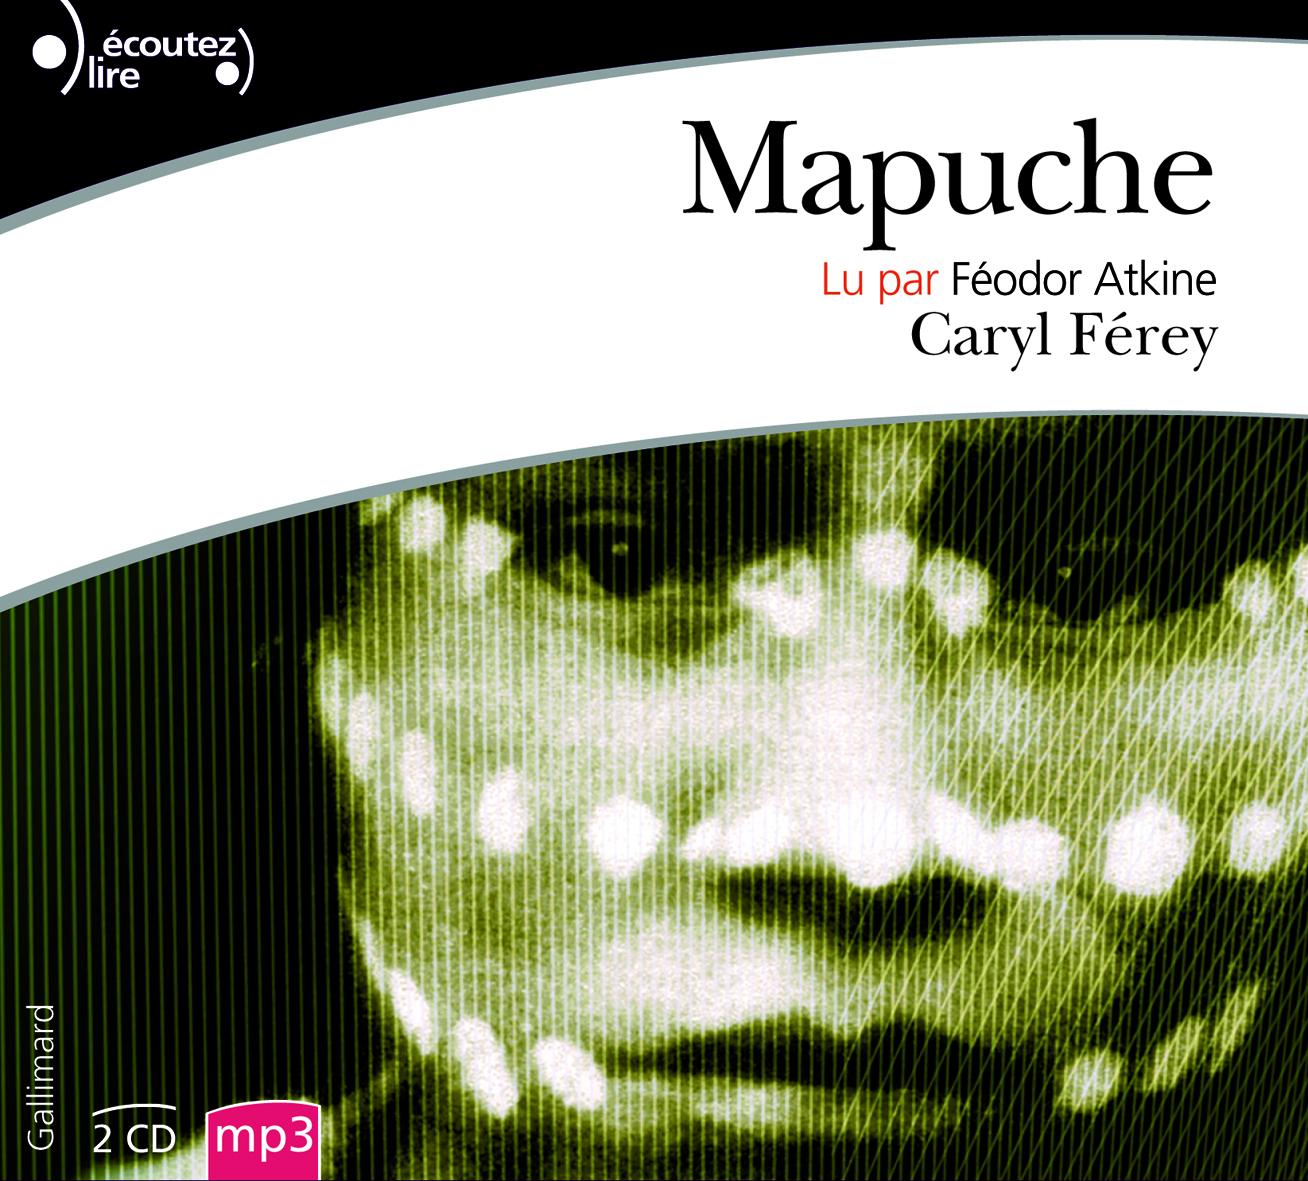 MAPUCHE CD